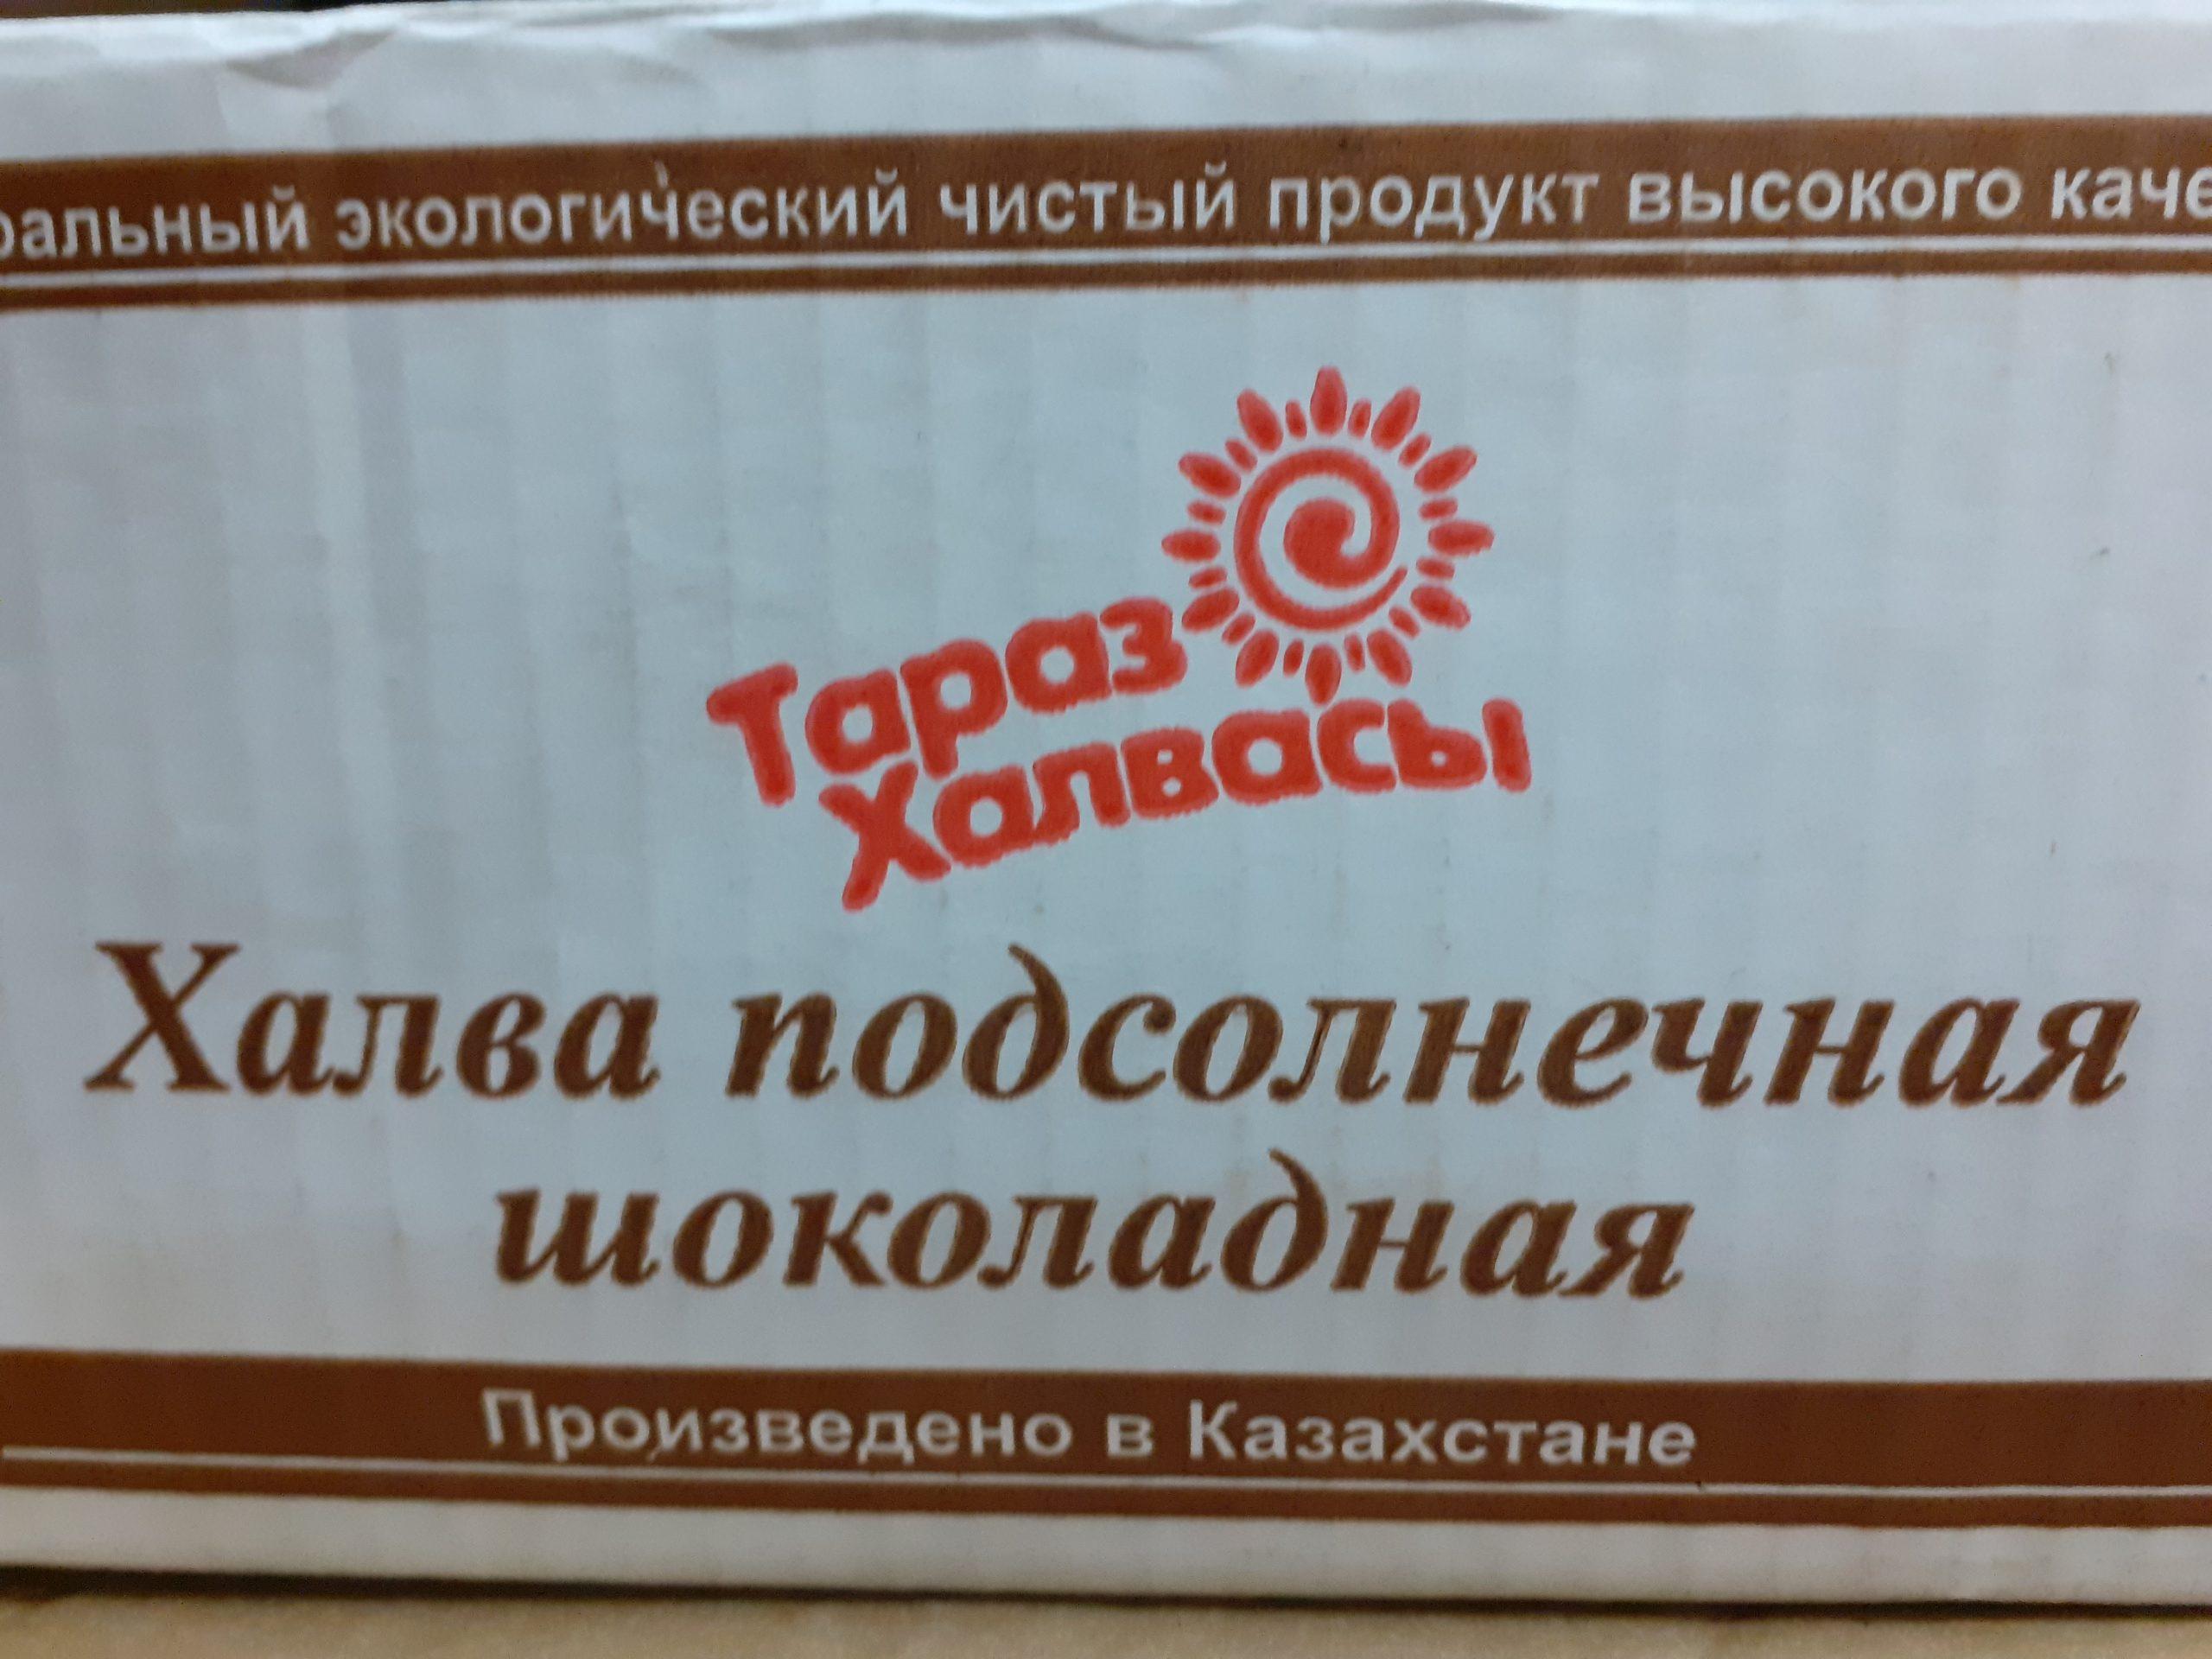 Халва подсолнечная шоколадная 5 кг (Тараз)